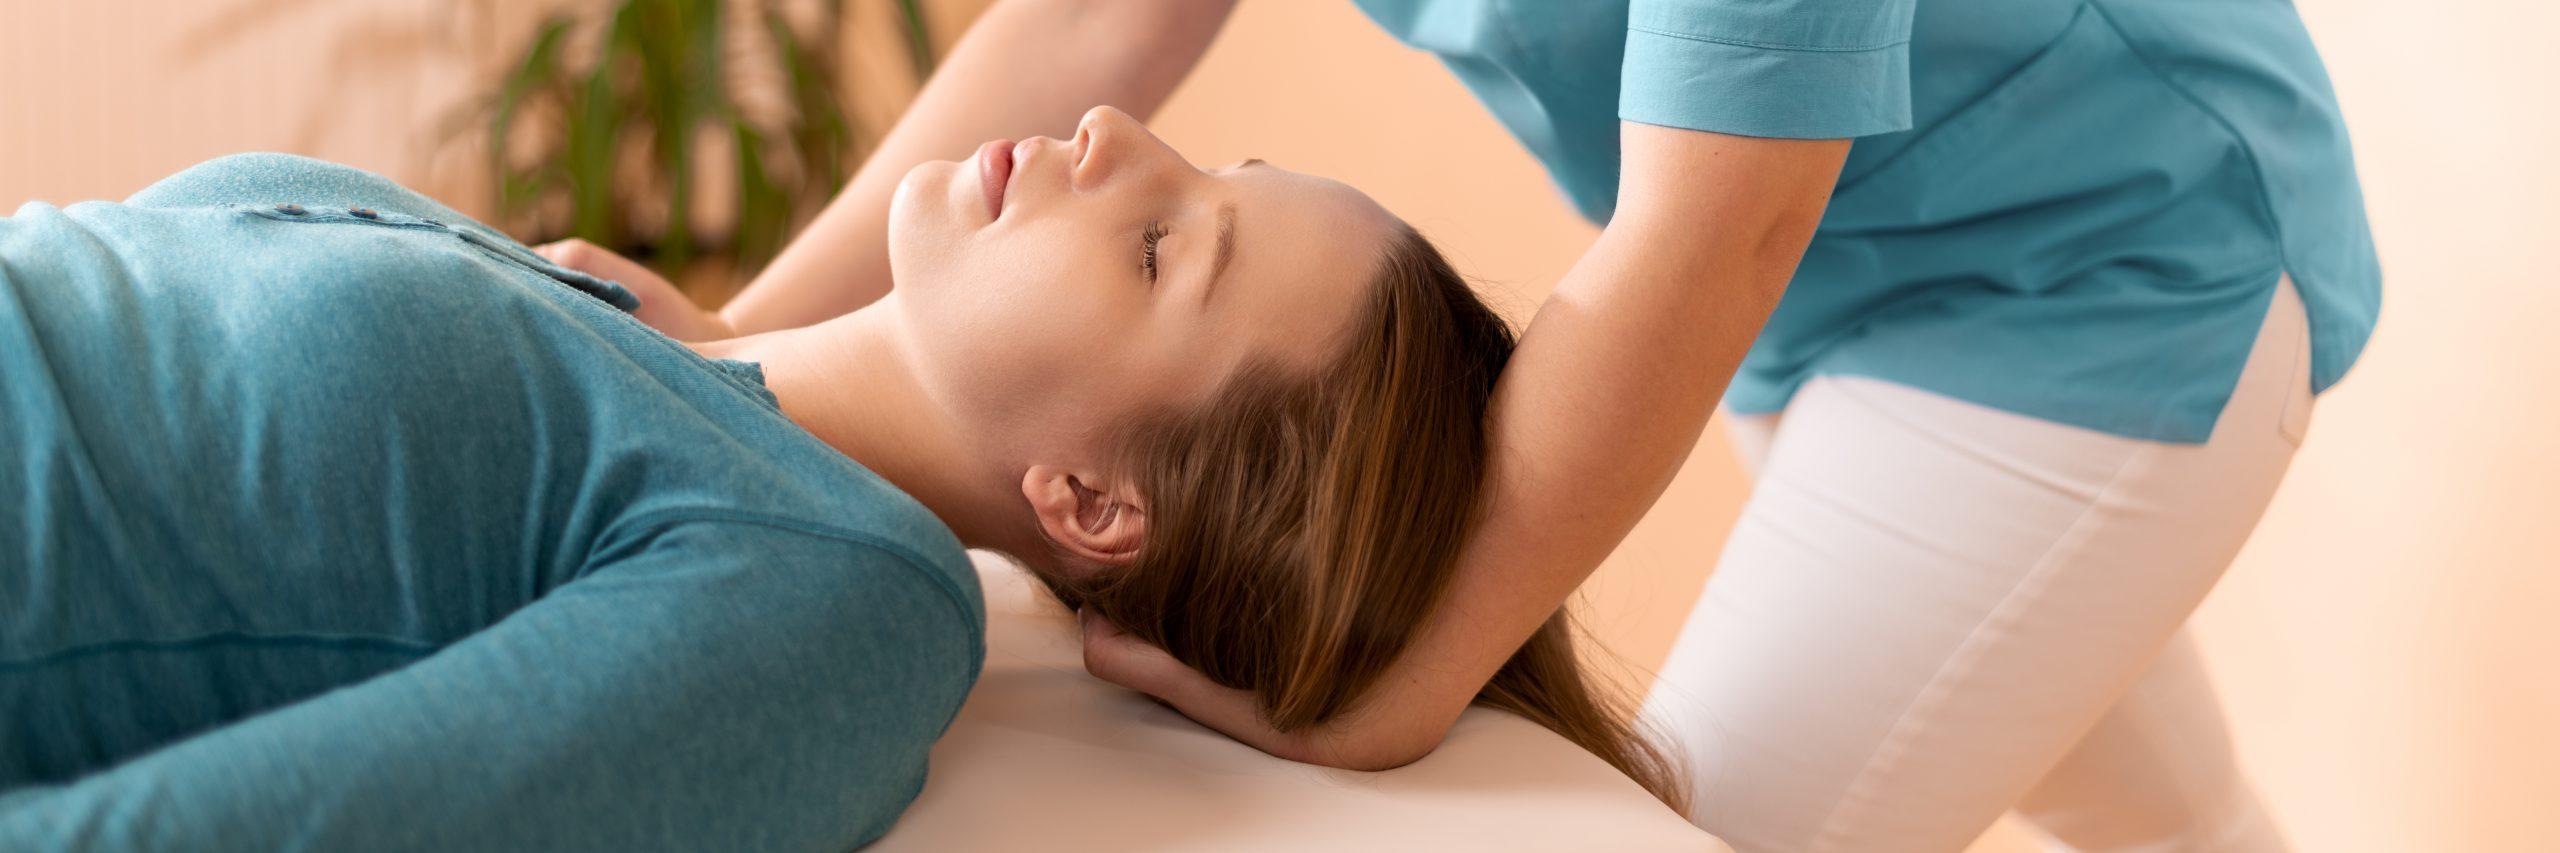 Kto może korzystać z zabiegów fizykoterapeutycznych i terapii manualnej?